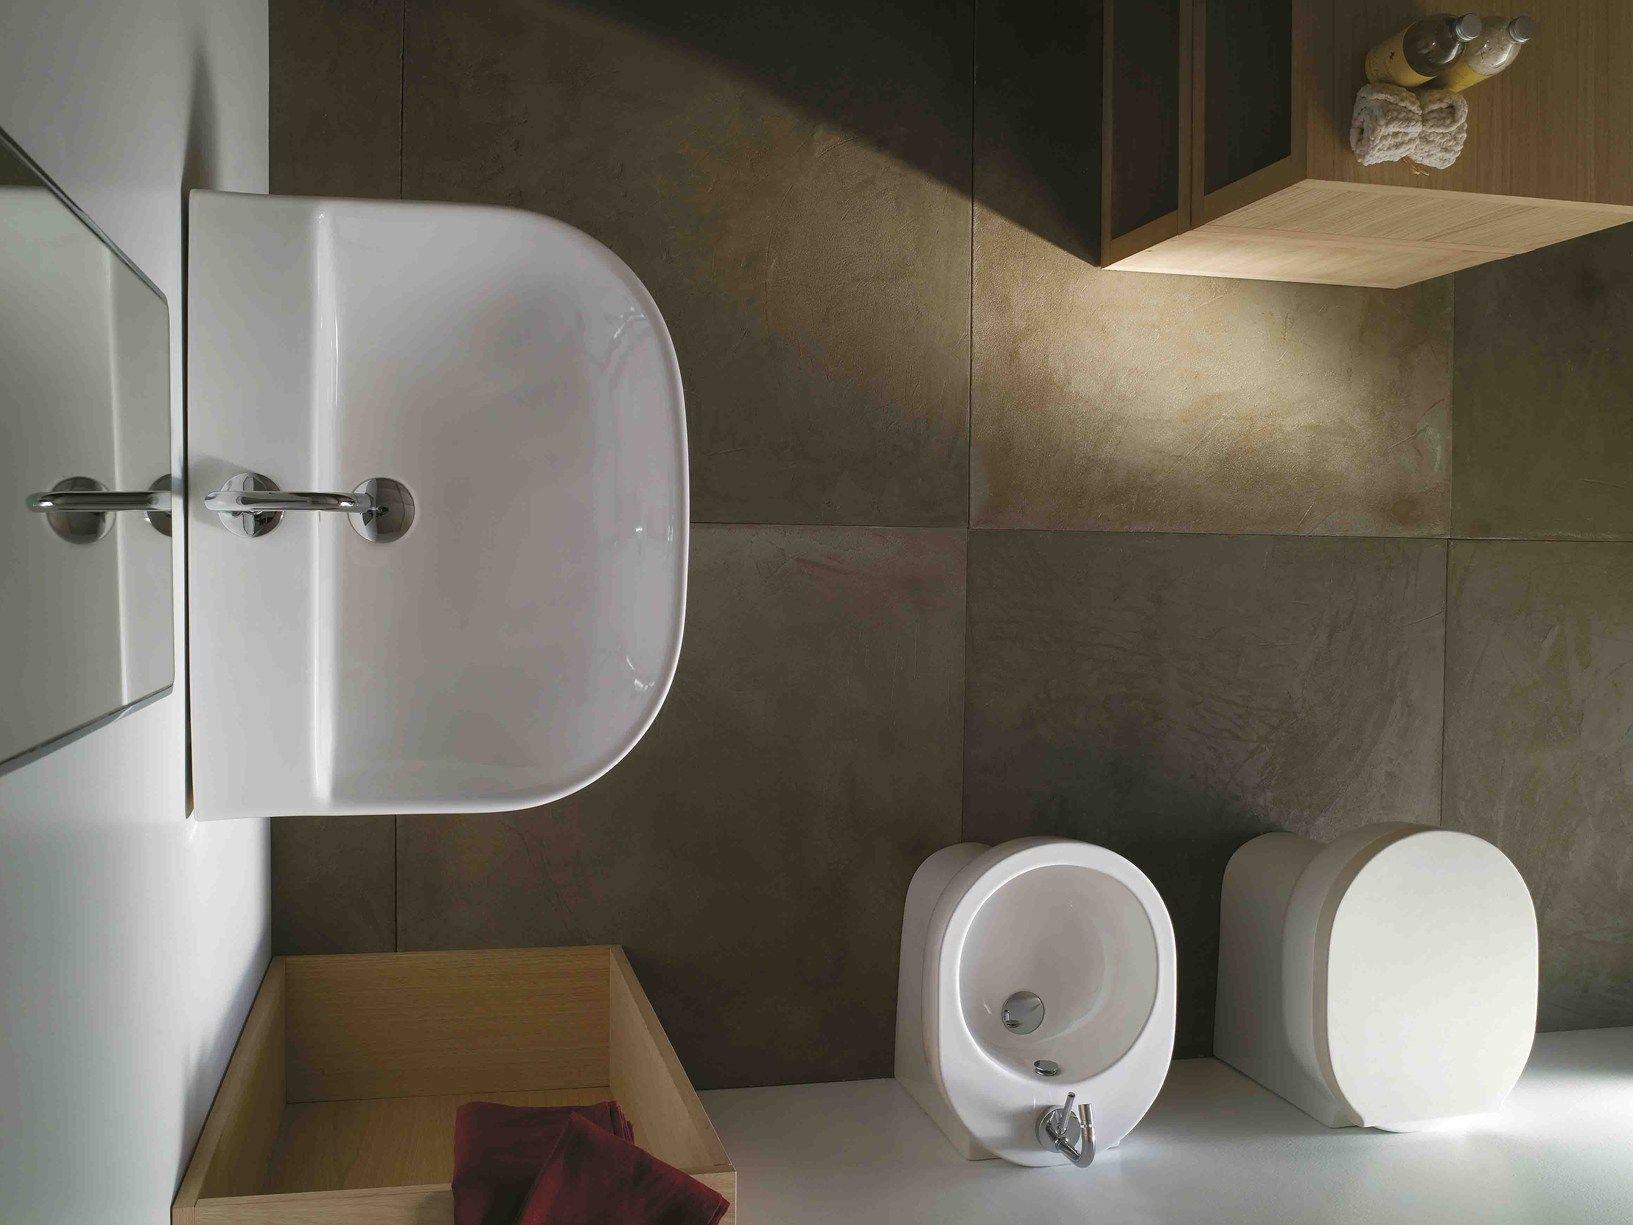 Design Bagno 2015 : Idee di design per scaffali e pensili da bagno mondodesign